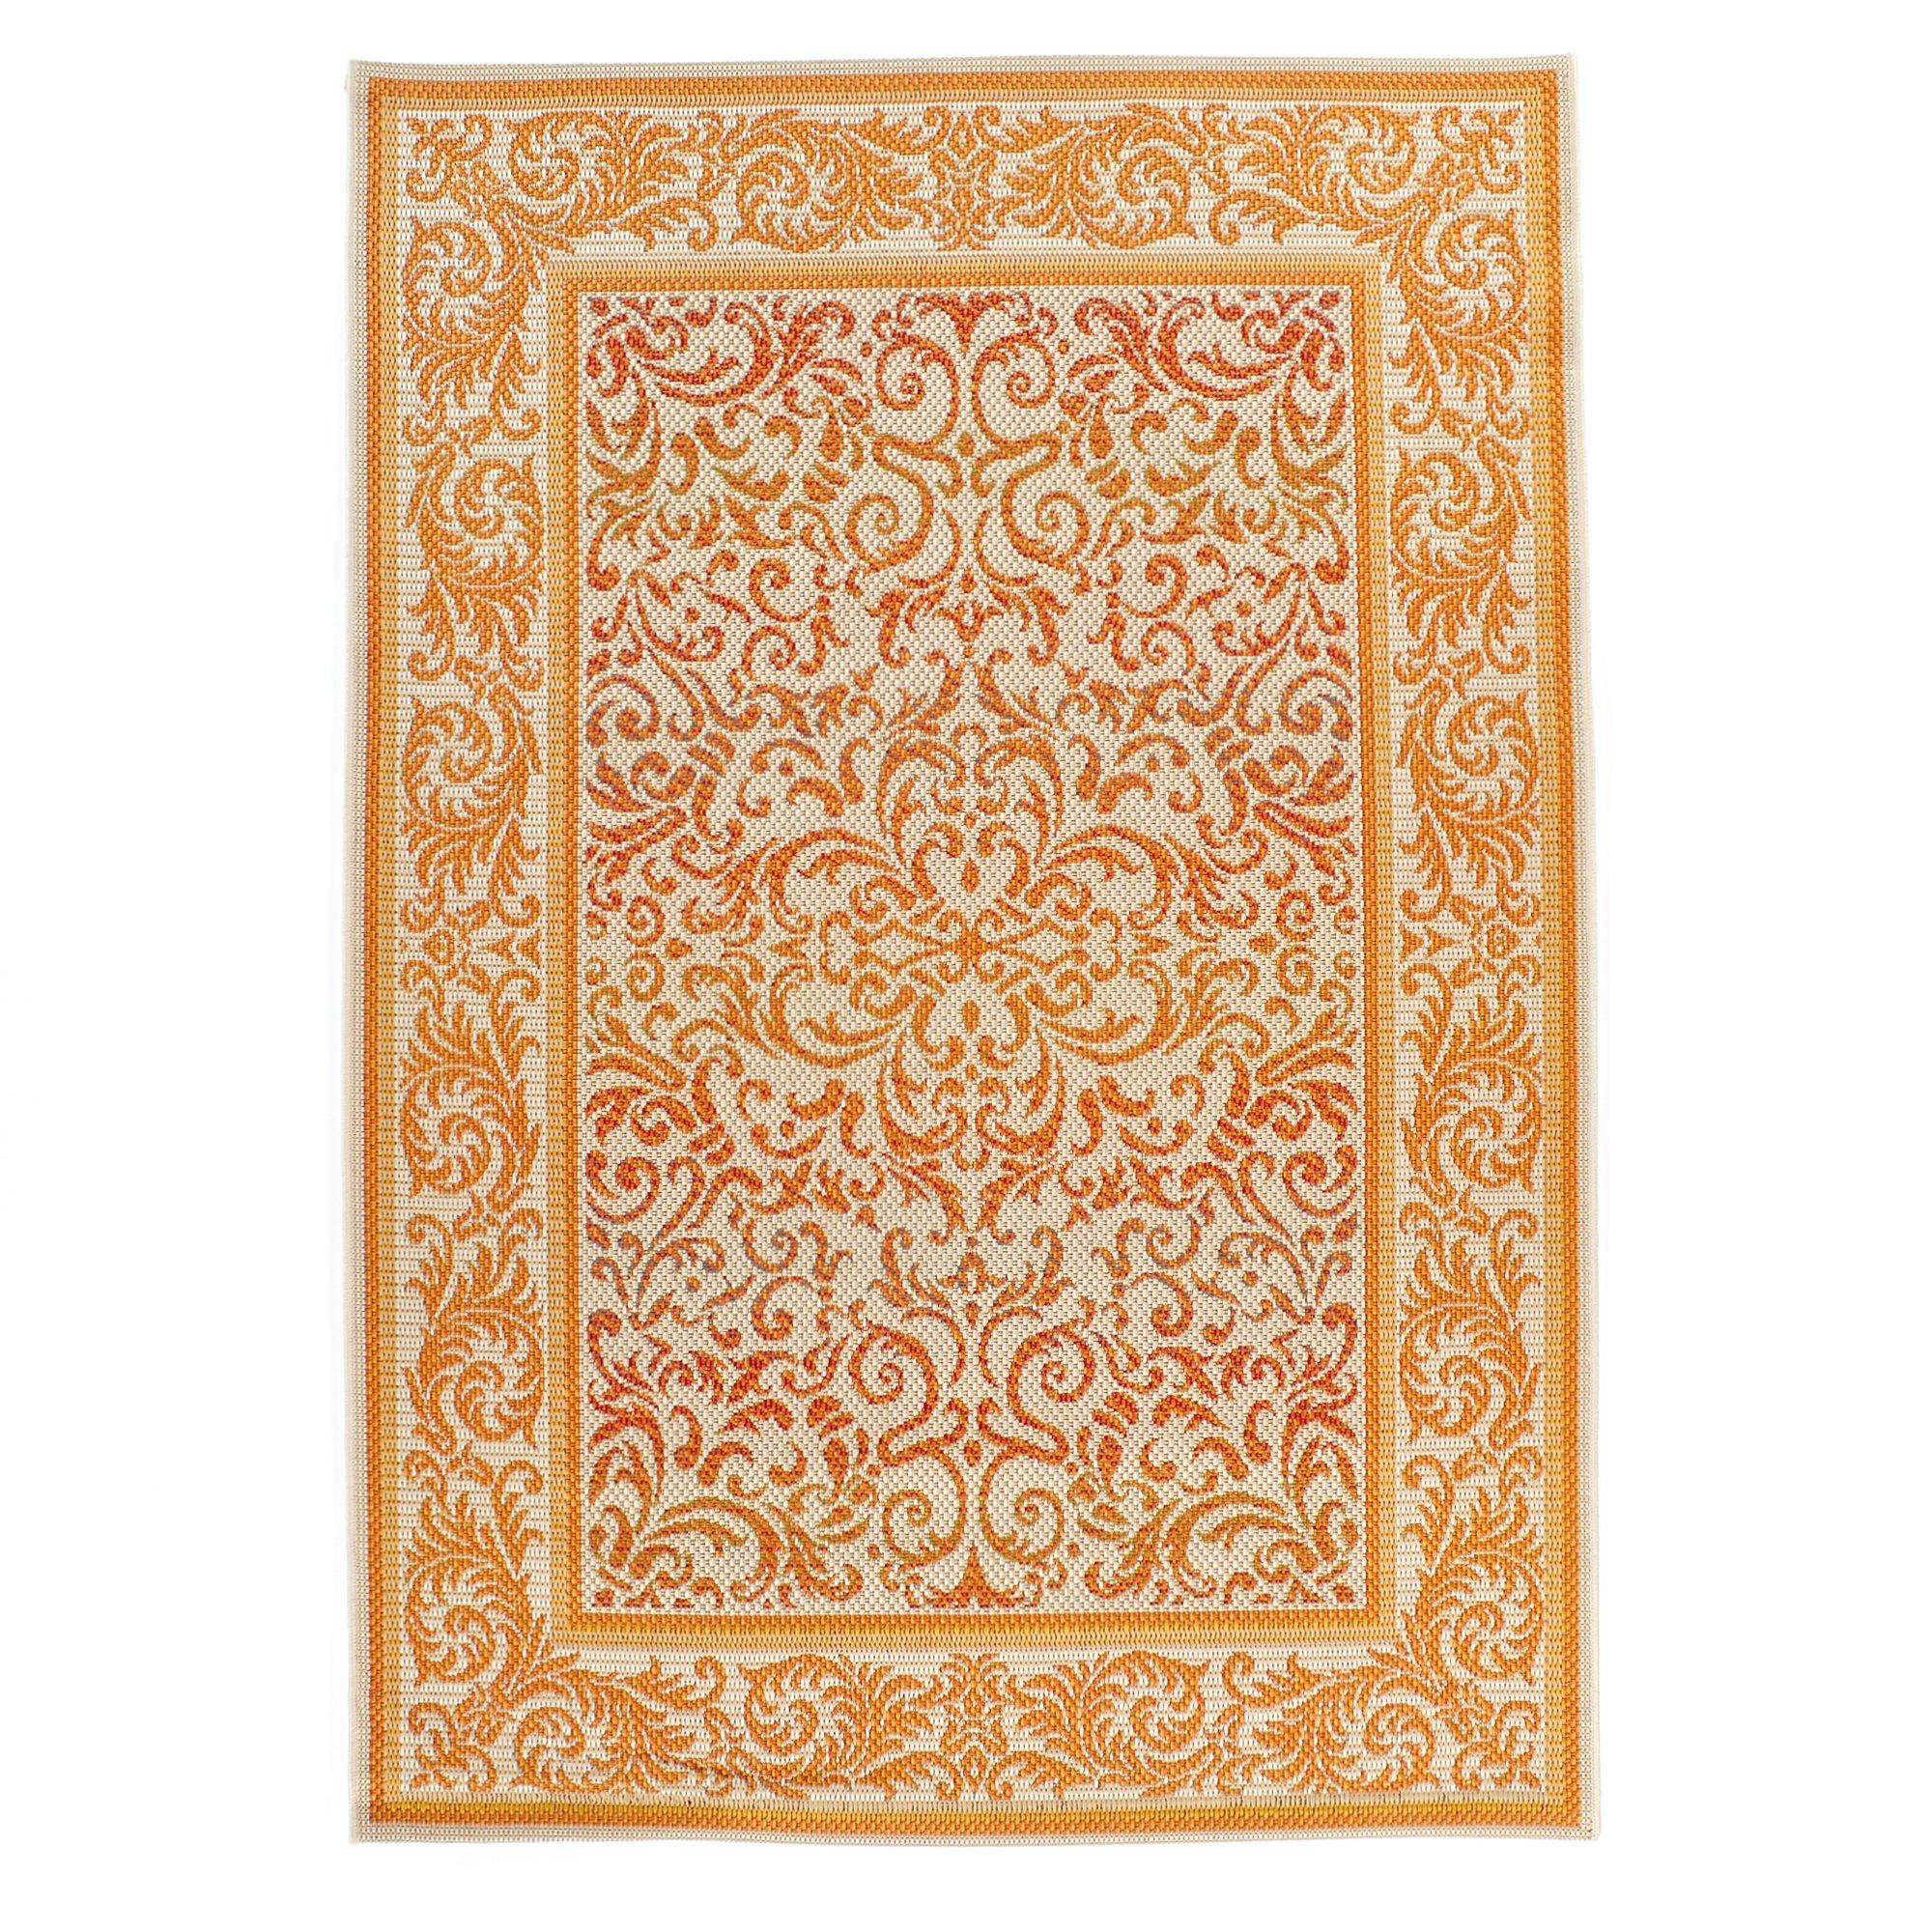 Carpet Art Deco Bellaire Collection Indoor Outdoor Rug, 5'3'' x7'5, Orange/Beige